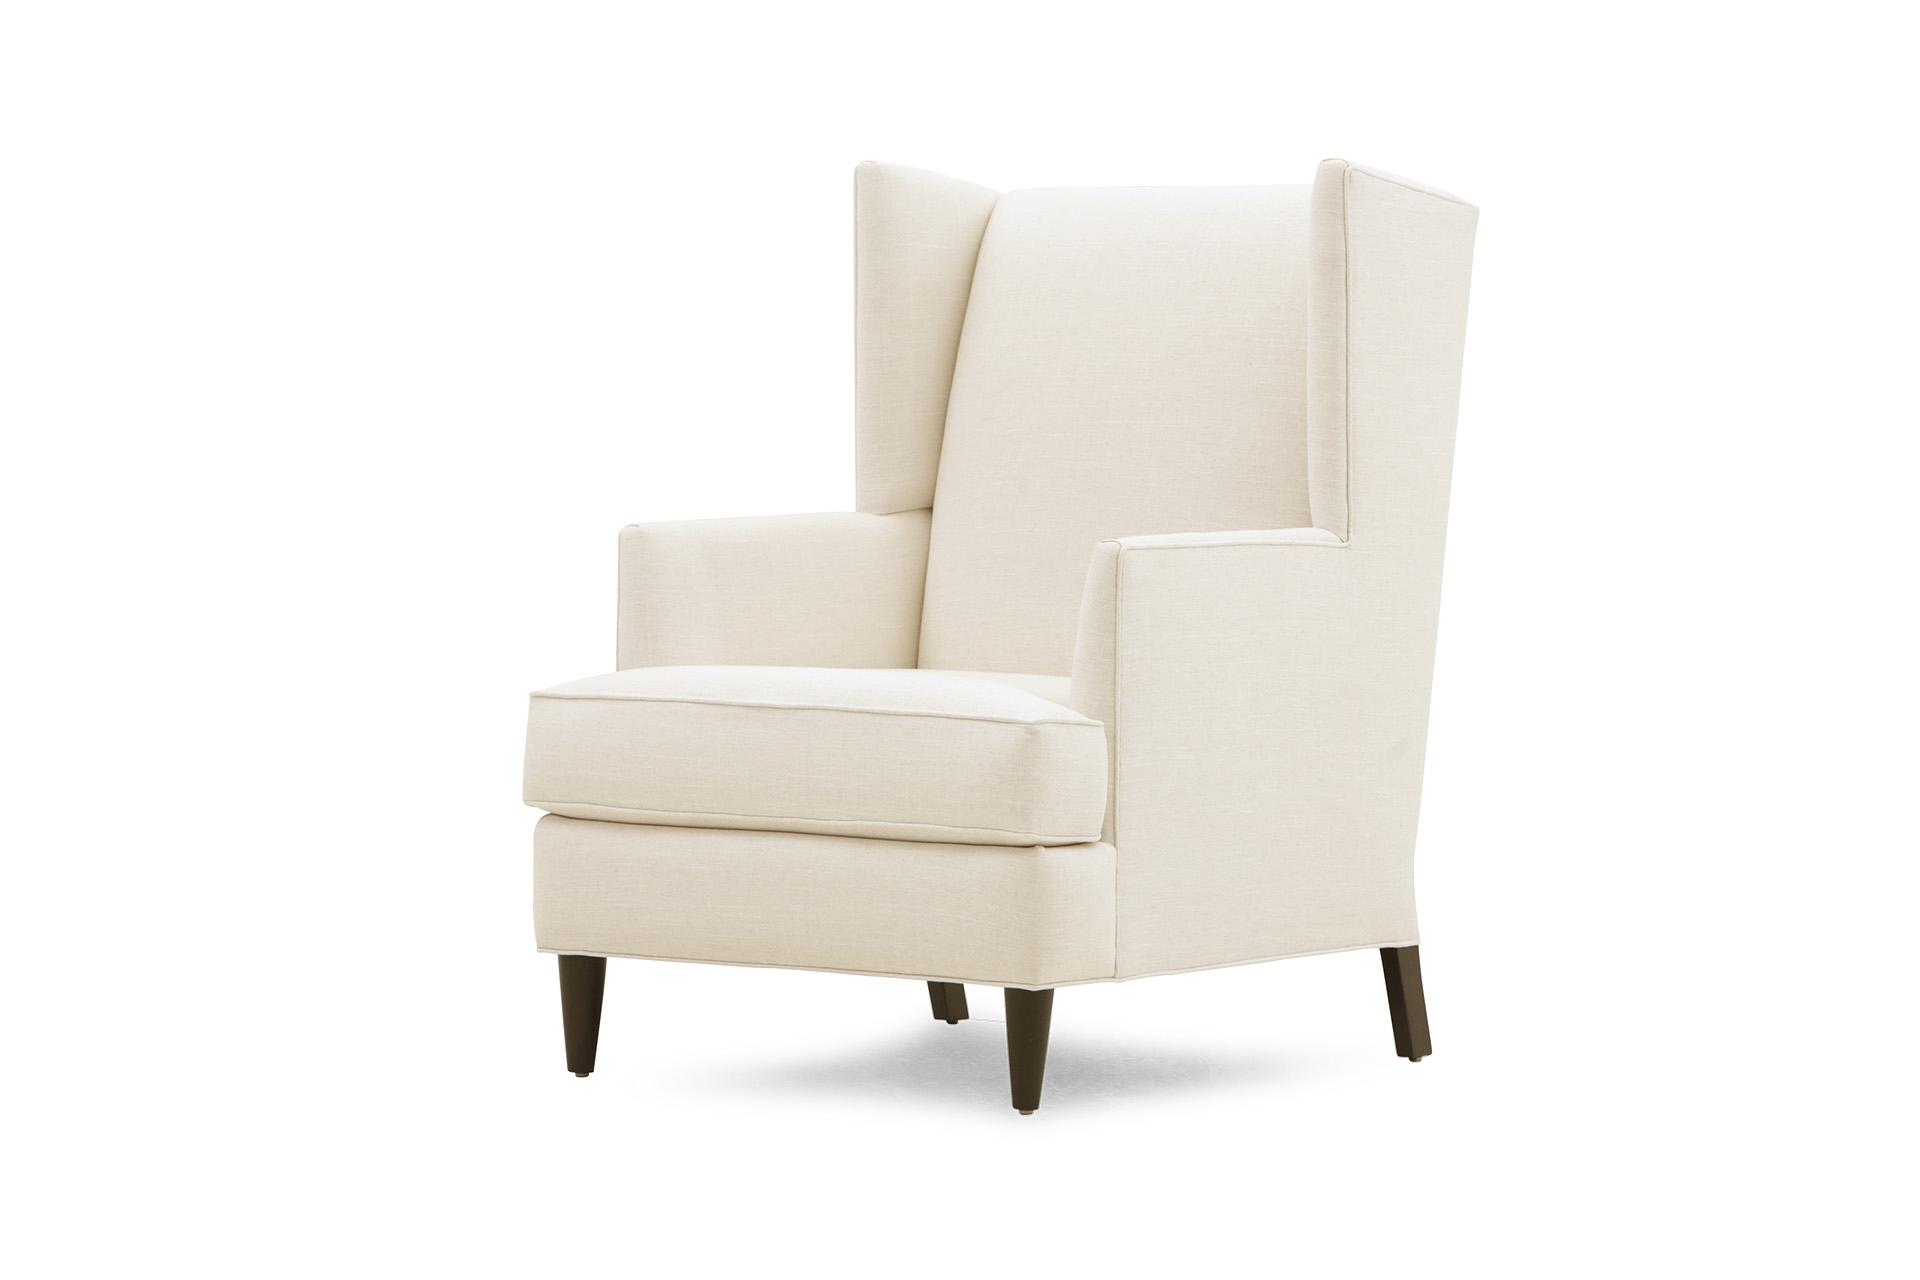 Laurelhurst Chair